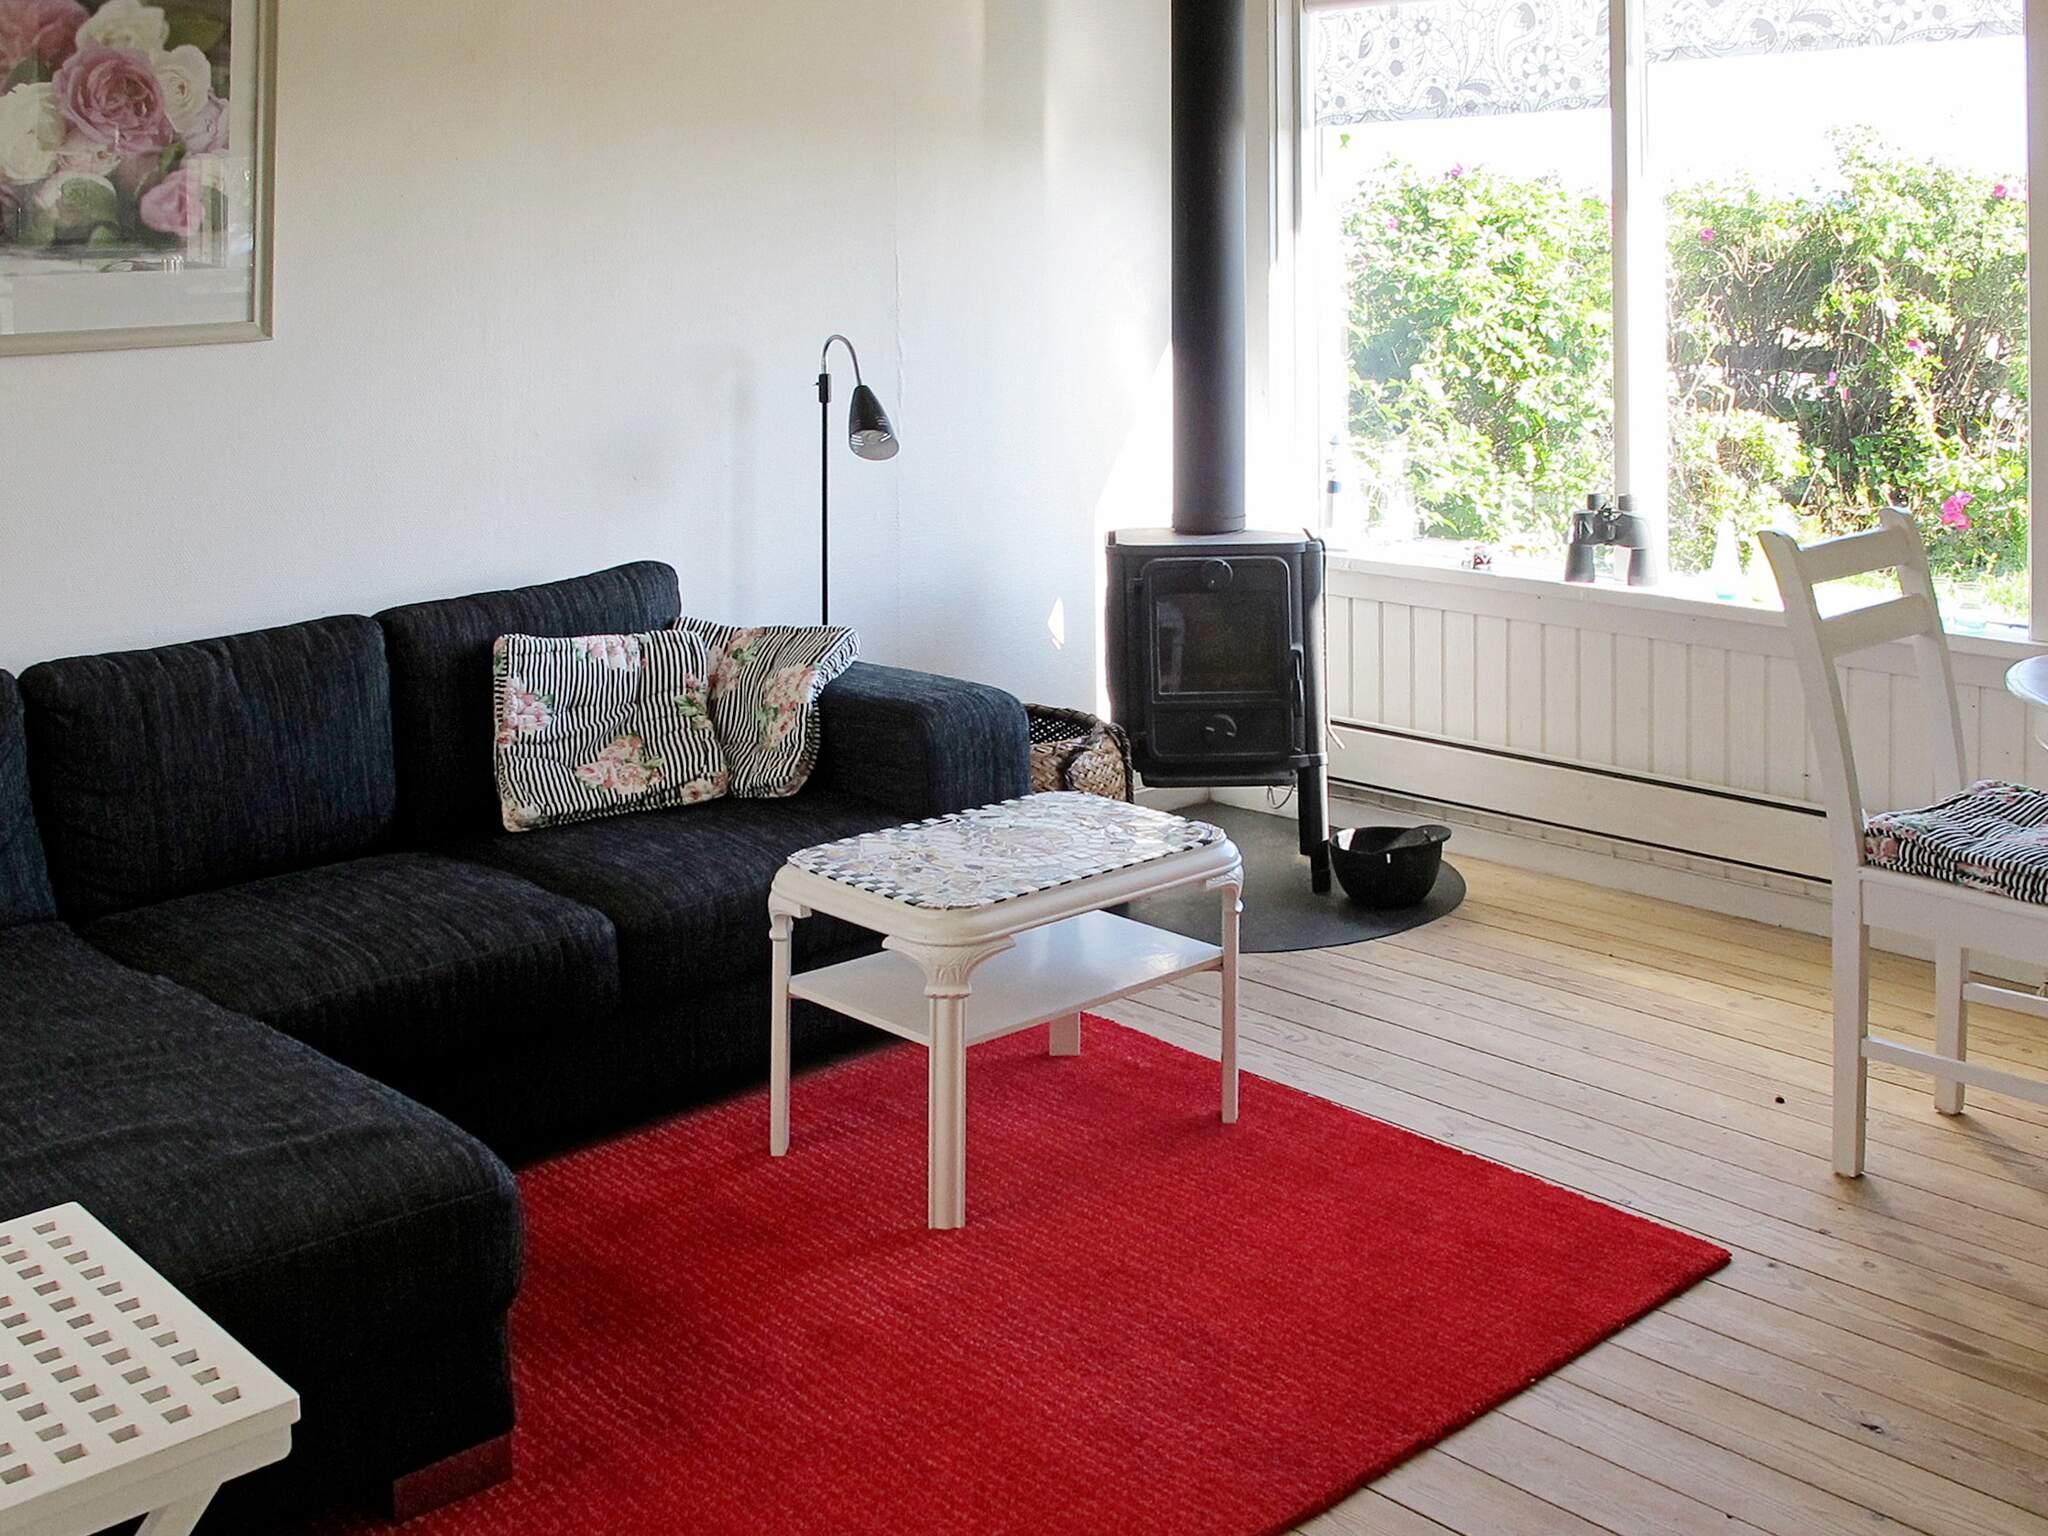 Ferienhaus Ulvshale (238287), Stege, , Møn, Dänemark, Bild 4